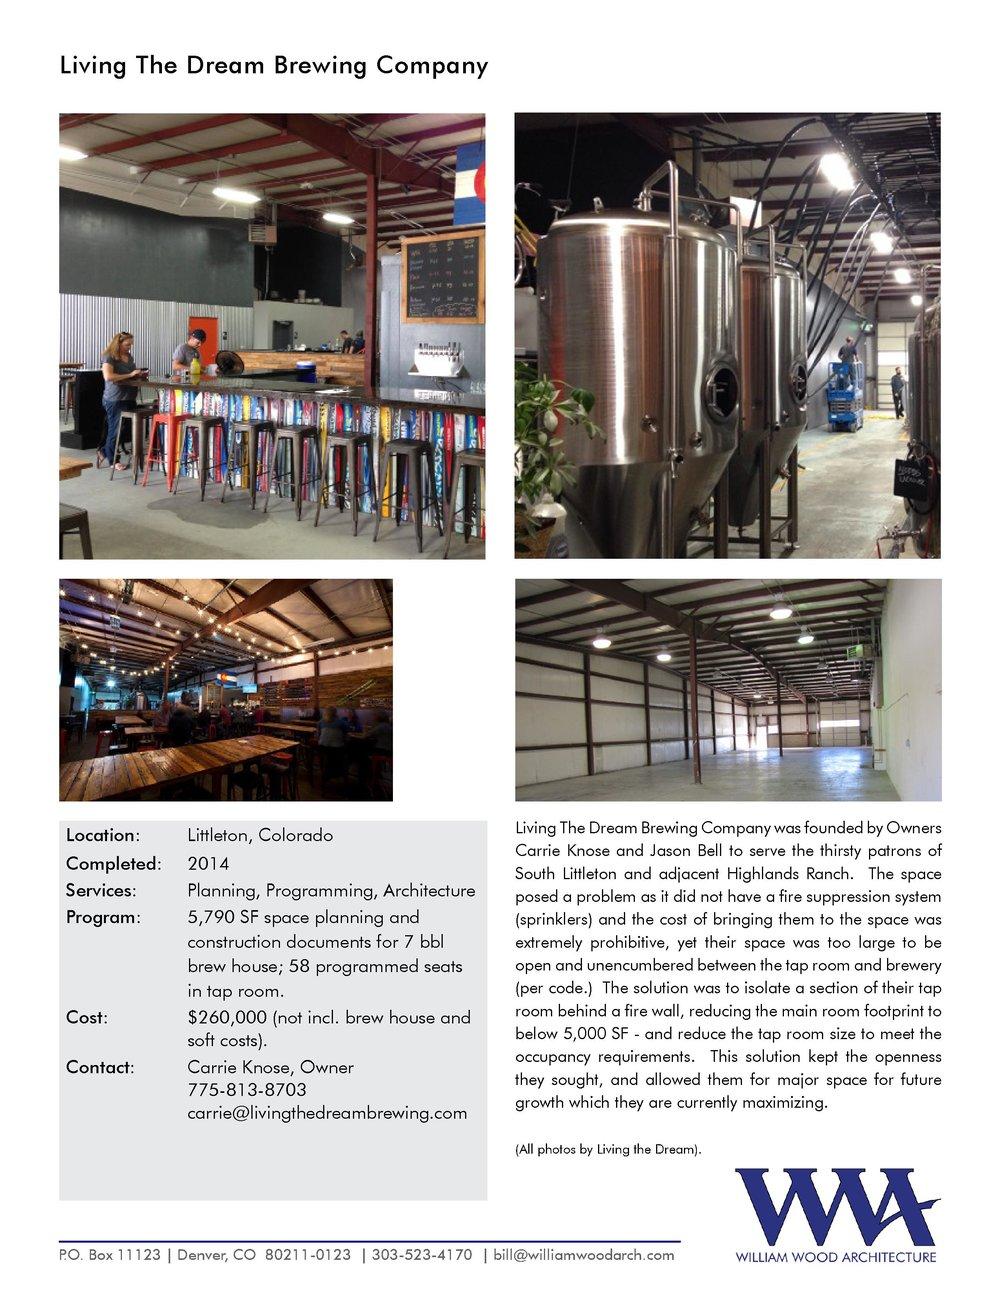 WWA_Brewery_2016-2.jpg